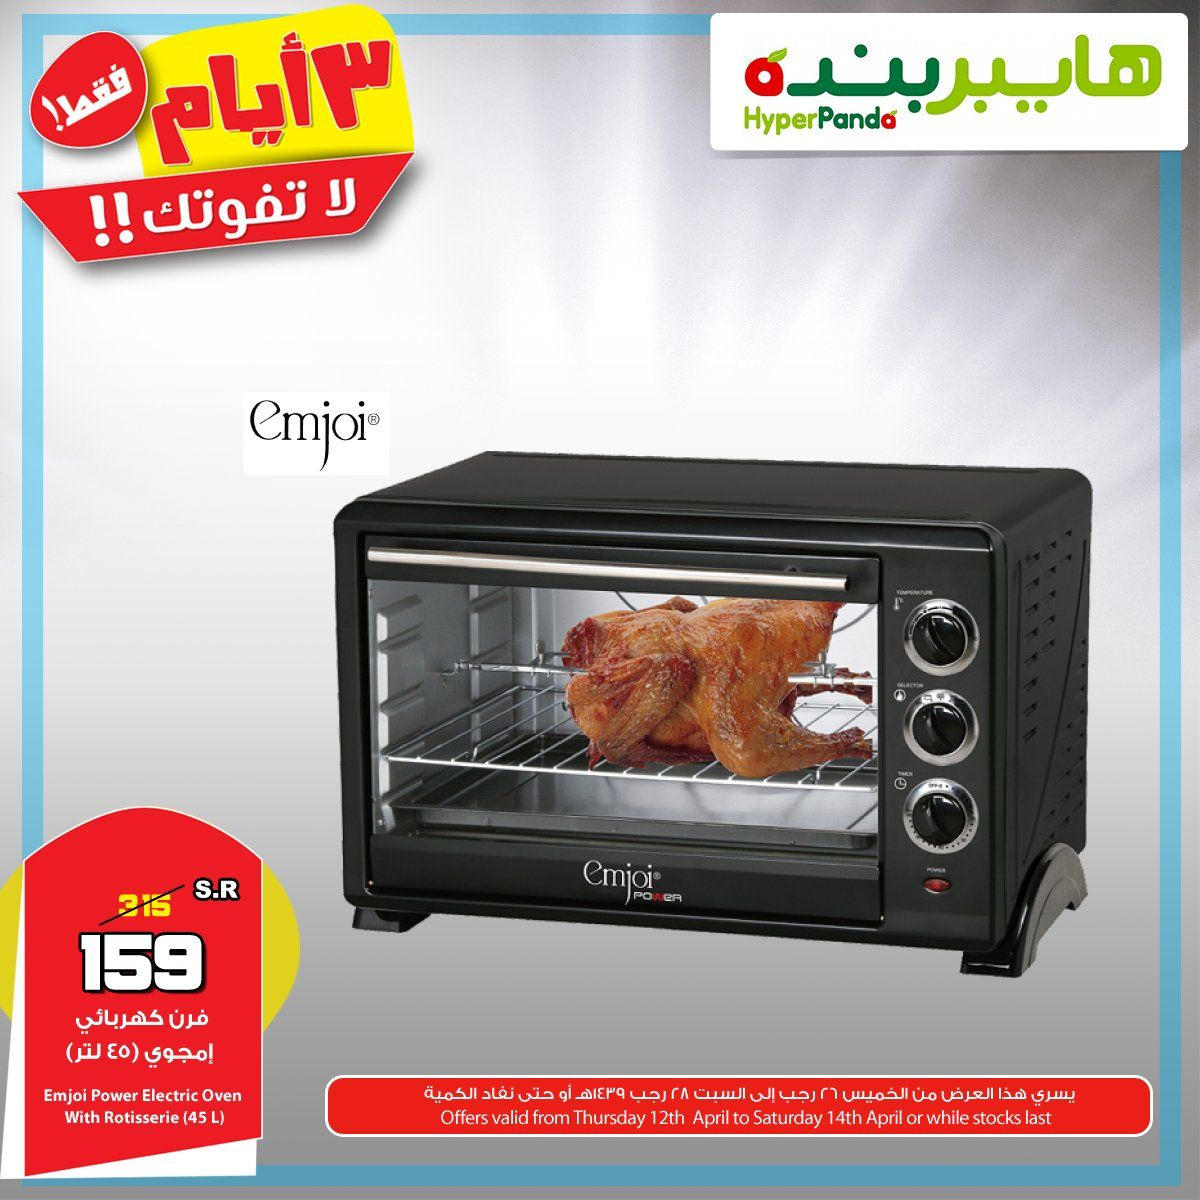 عروض هايبر بنده الخميس 12 4 2018 عروض 3 أيام فقط عروض خاصة جدااا عروض اليوم Electric Oven Toaster Oven Oven